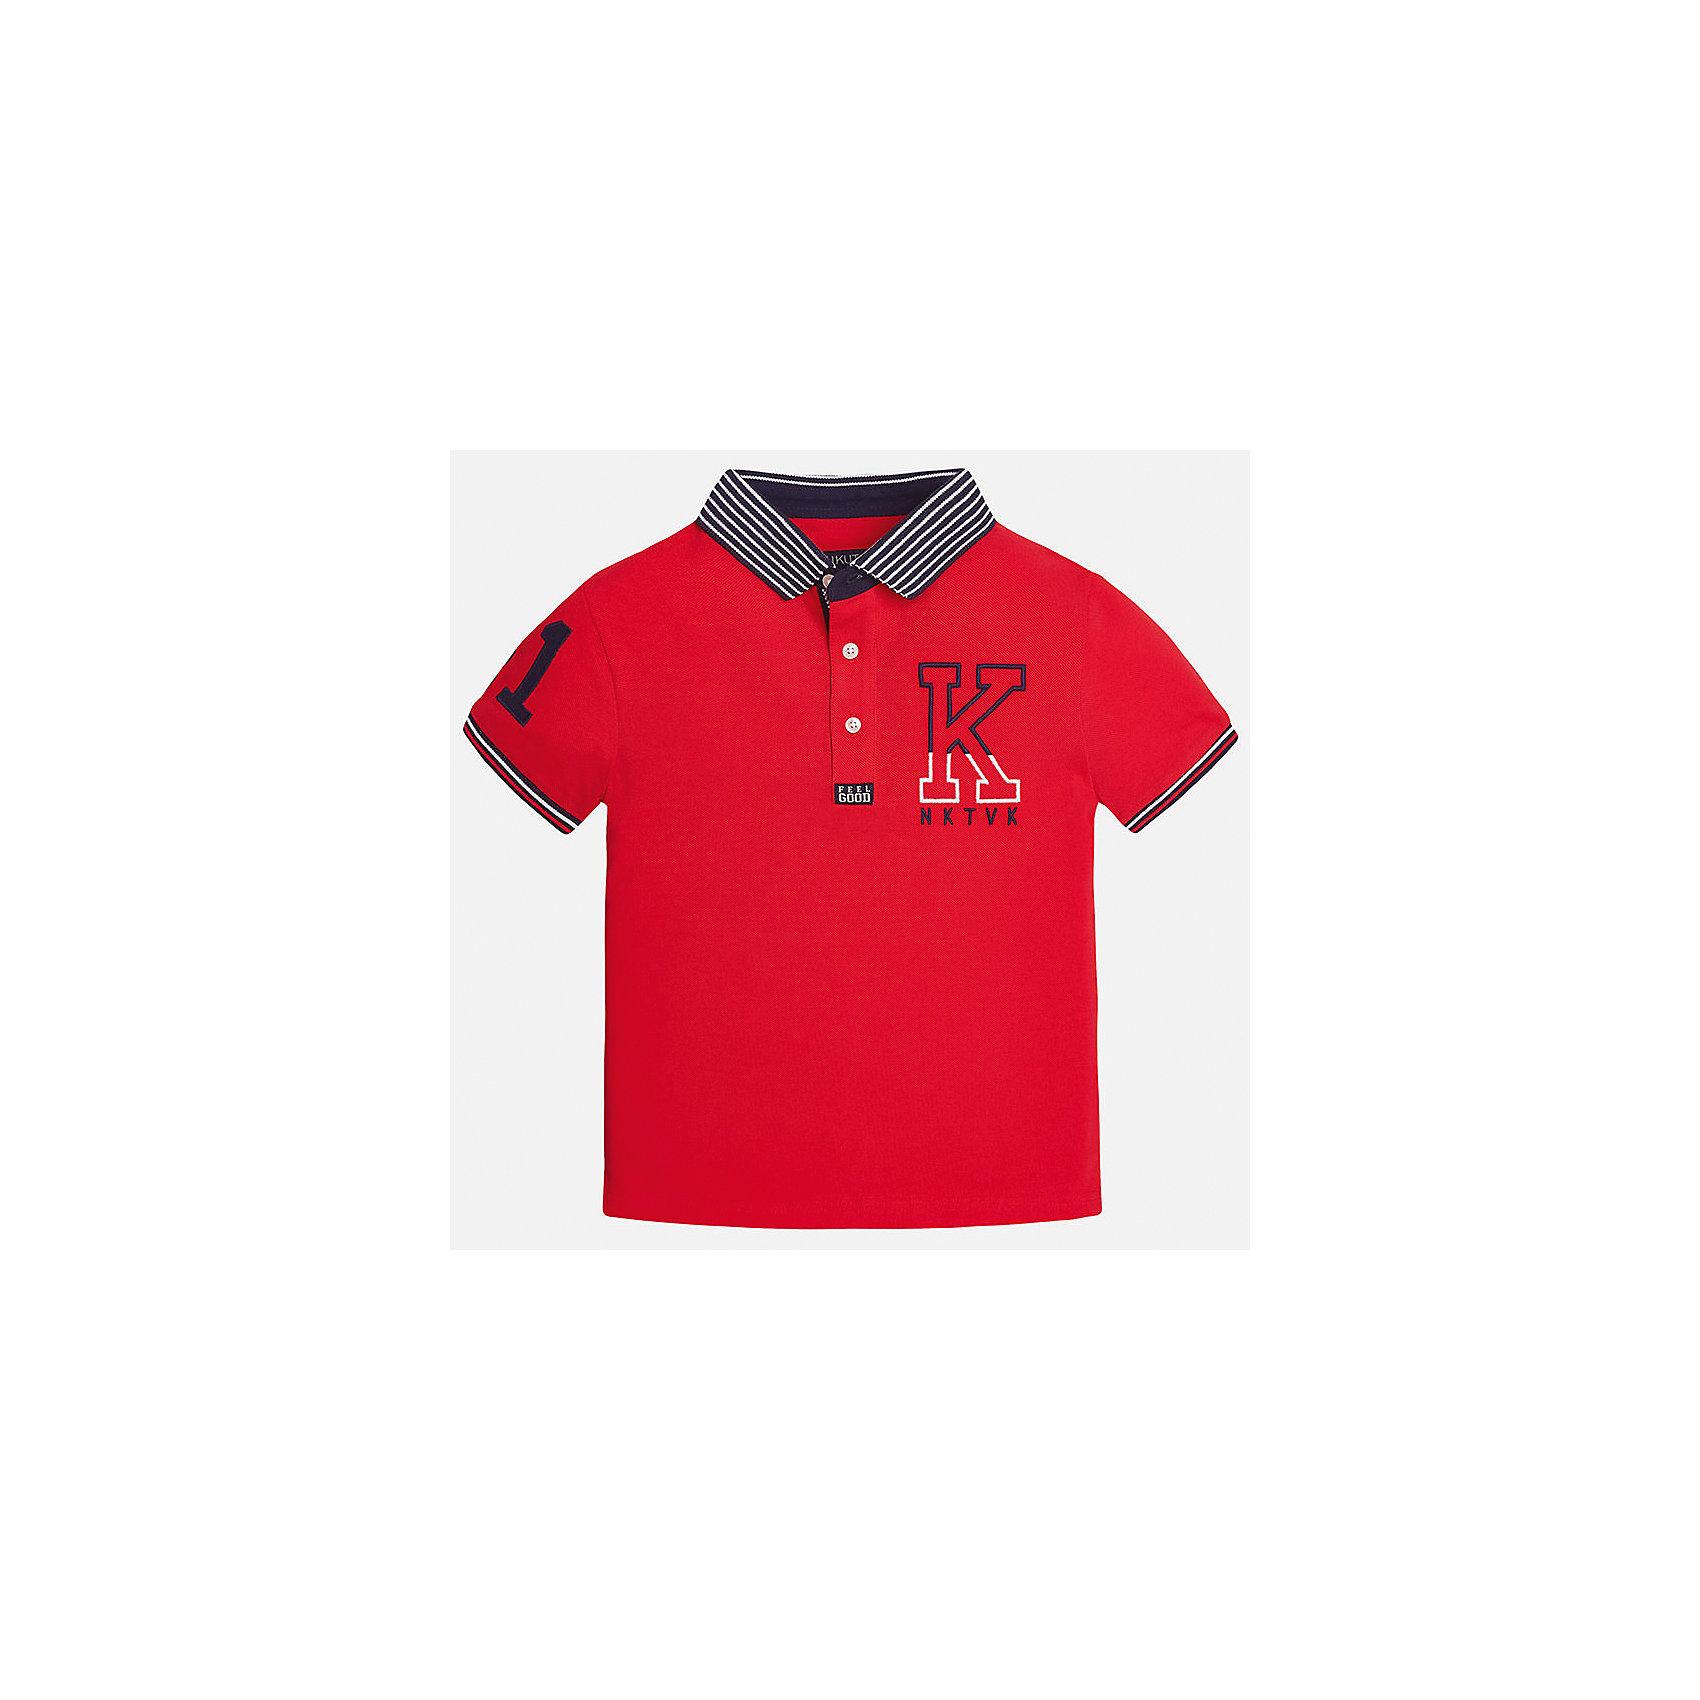 Футболка-поло для мальчика MayoralФутболки, поло и топы<br>Характеристики товара:<br><br>• цвет: красный<br>• состав: 100% хлопок<br>• отложной воротник<br>• декорирована вышивкой<br>• короткие рукава<br>• застежки: пуговицы<br>• страна бренда: Испания<br><br>Удобная стильная футболка-поло поможет разнообразить гардероб мальчика. Она отлично сочетается с брюками, шортами, джинсами. Универсальный крой и цвет позволяет подобрать к вещи низ разных расцветок. Практичное и стильное изделие! Хорошо смотрится и комфортно сидит на детях. В составе материала - только натуральный хлопок, гипоаллергенный, приятный на ощупь, дышащий. <br><br>Одежда, обувь и аксессуары от испанского бренда Mayoral полюбились детям и взрослым по всему миру. Модели этой марки - стильные и удобные. Для их производства используются только безопасные, качественные материалы и фурнитура. Порадуйте ребенка модными и красивыми вещами от Mayoral! <br><br>Футболка-поло для мальчика от испанского бренда Mayoral (Майорал) можно купить в нашем интернет-магазине.<br><br>Ширина мм: 230<br>Глубина мм: 40<br>Высота мм: 220<br>Вес г: 250<br>Цвет: красный<br>Возраст от месяцев: 84<br>Возраст до месяцев: 96<br>Пол: Мужской<br>Возраст: Детский<br>Размер: 128/134,170,140,164,158,152<br>SKU: 5281479